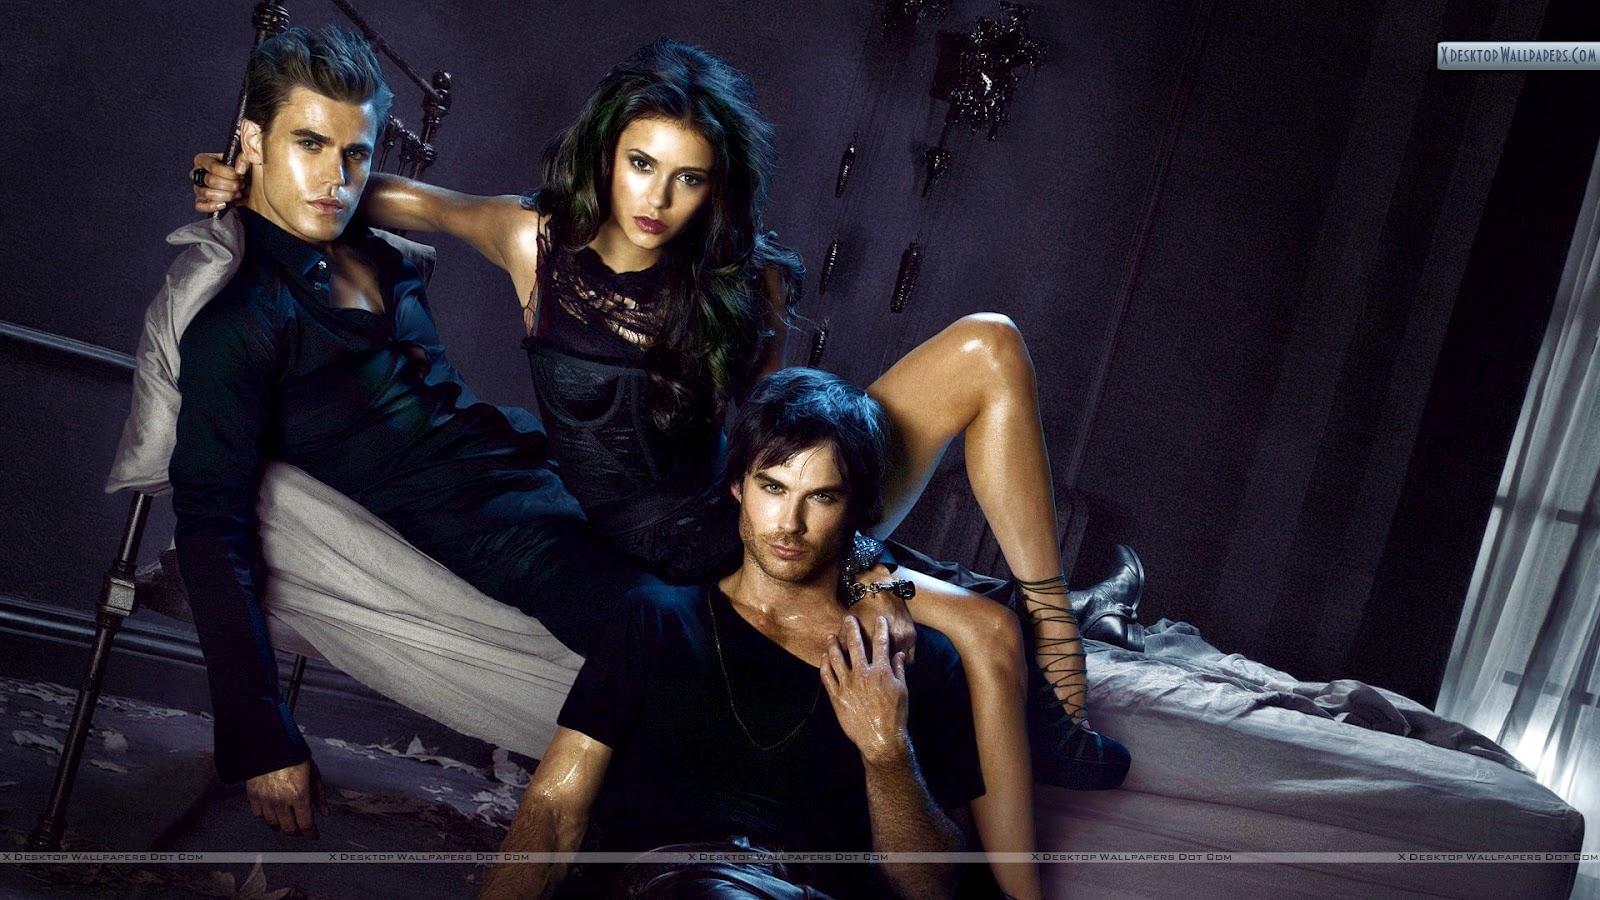 [78+] Vampire Diaries Wallpaper Damon on WallpaperSafari